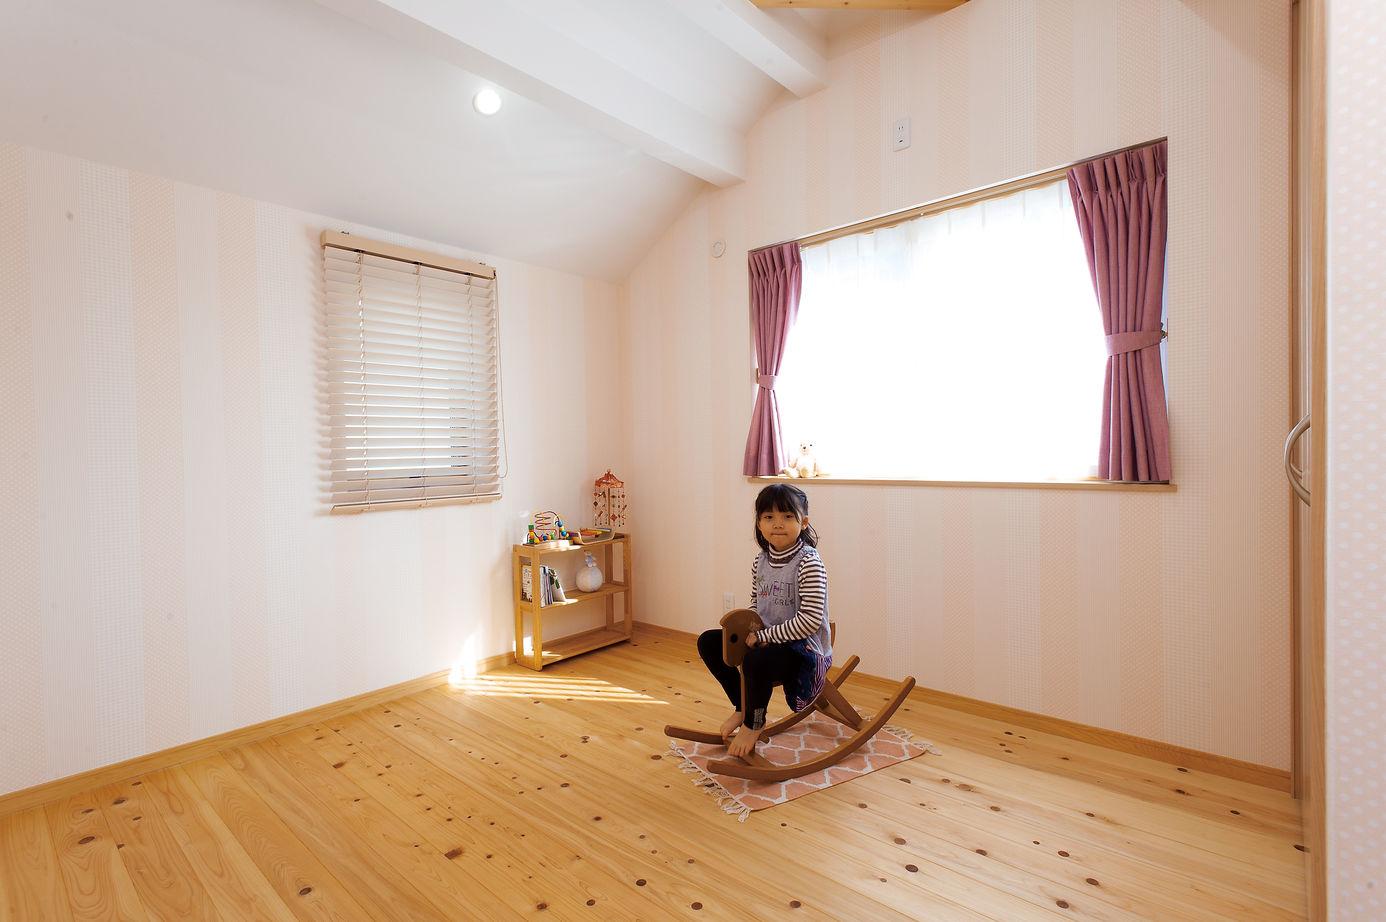 【間取り有】【20坪台/2000万円台】地産地消に憧れて、大好きな自然素材と木の香りに包まれた大満足の家画像3